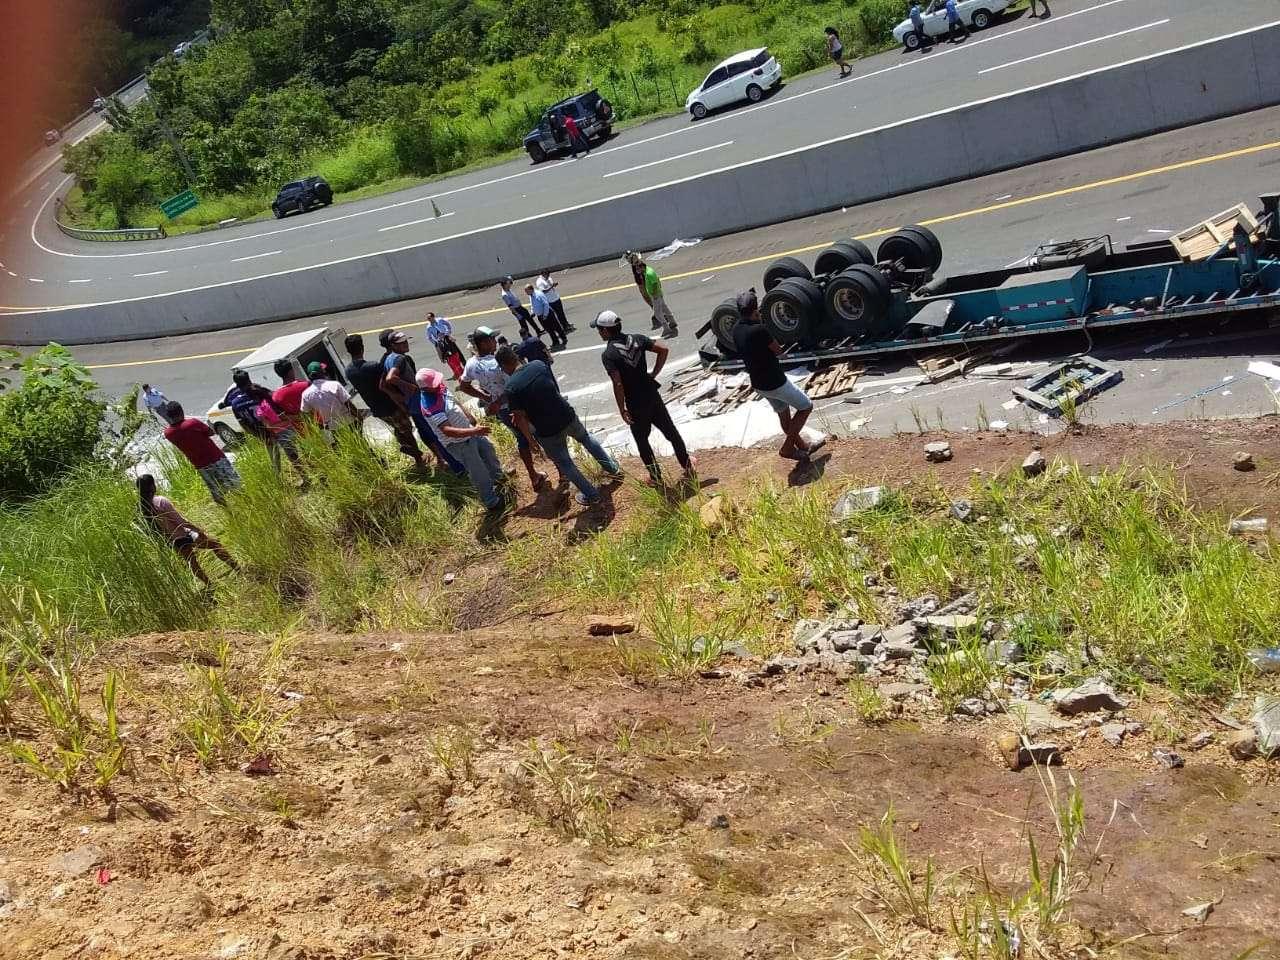 Magdalena Boniche González, y sus dos pequeños, Anthony y Eric de 7 y 9 años respectivamente fallecieron la mañana de este lunes luego de ser atropellados por un camión que se salió de la vía Interamericana a la altura de Las Peñitas, La Mesa, Veraguas.